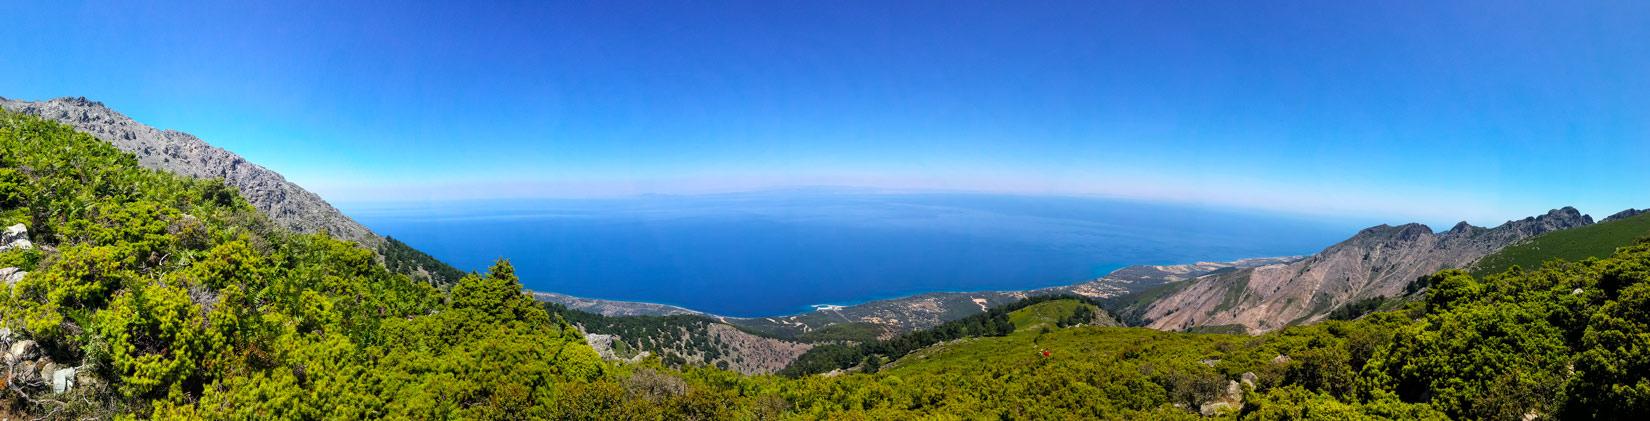 Skvostný výhled na Thermu a Thrácké moře